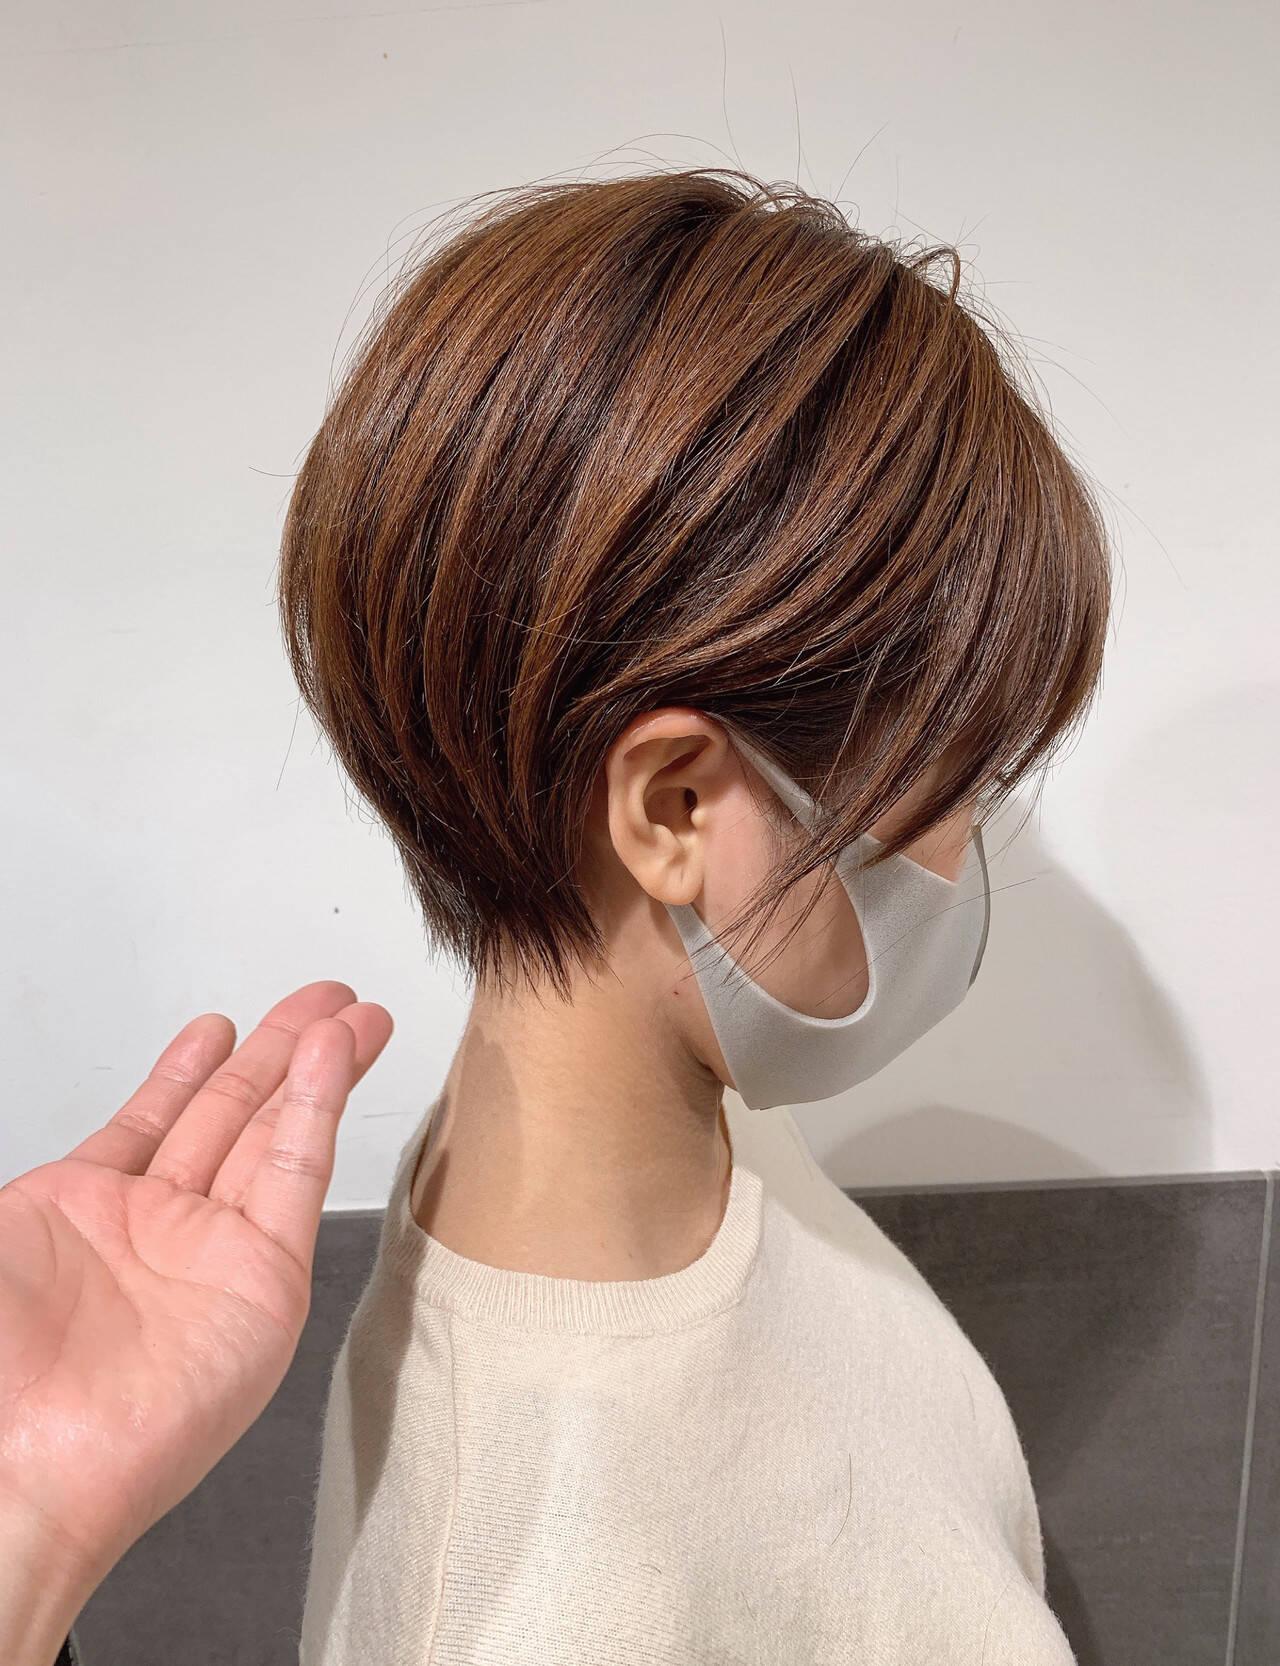 丸みショート フェミニン ショートボブ マッシュショートヘアスタイルや髪型の写真・画像